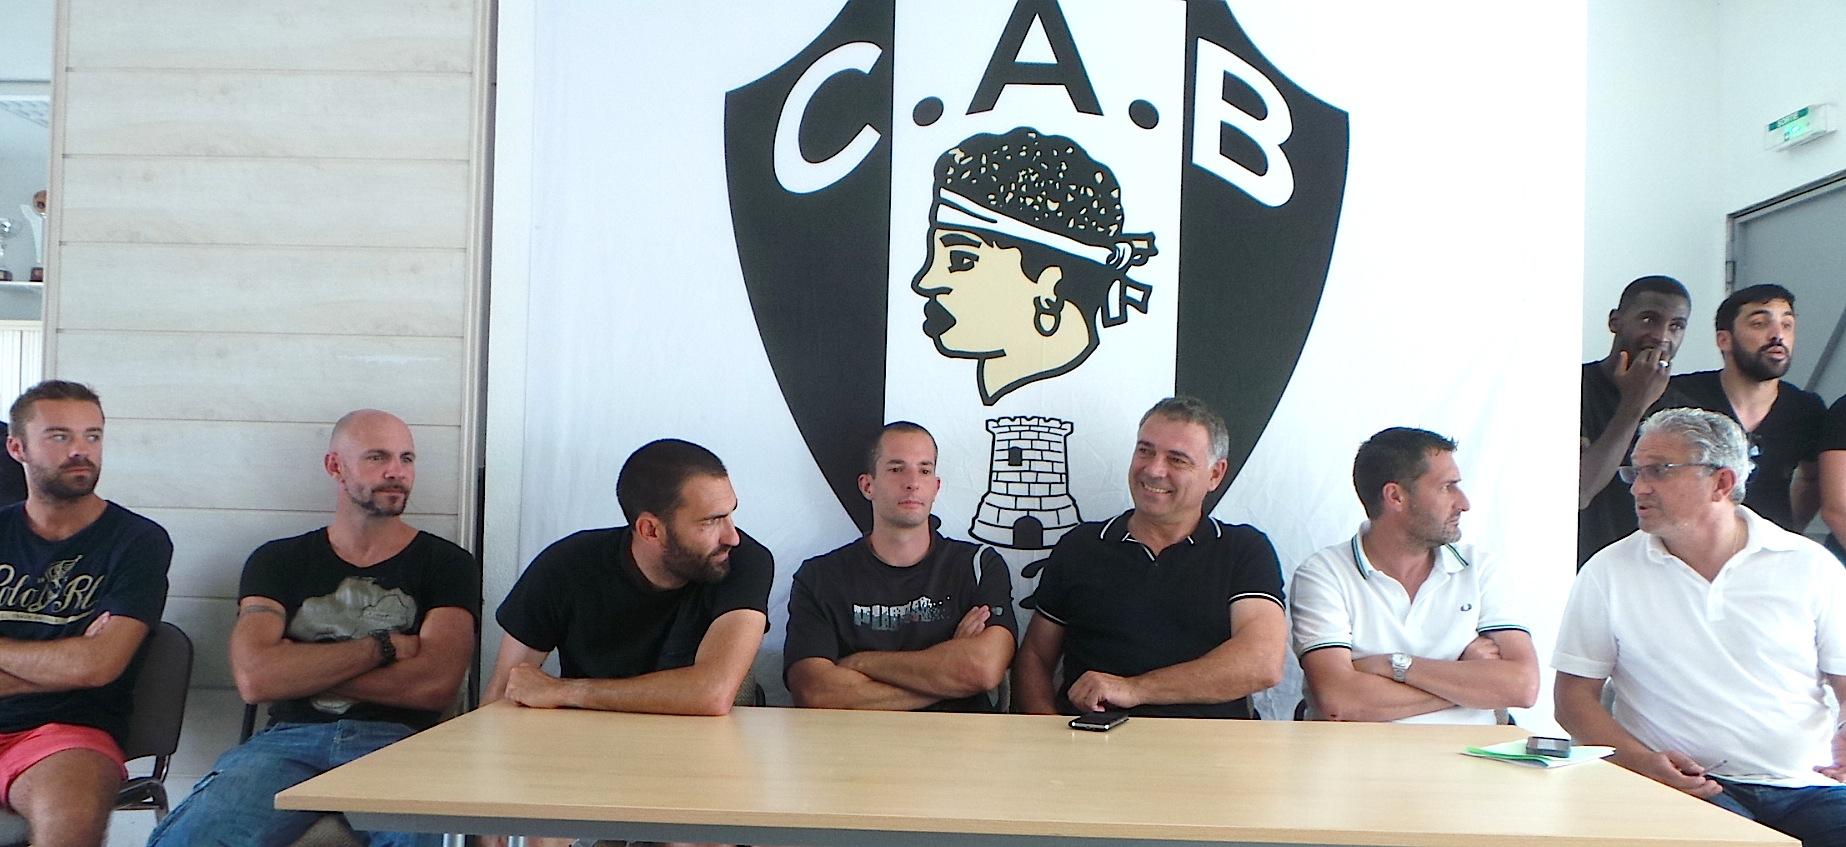 National : Le CAB nouveau a repris l'entraînement